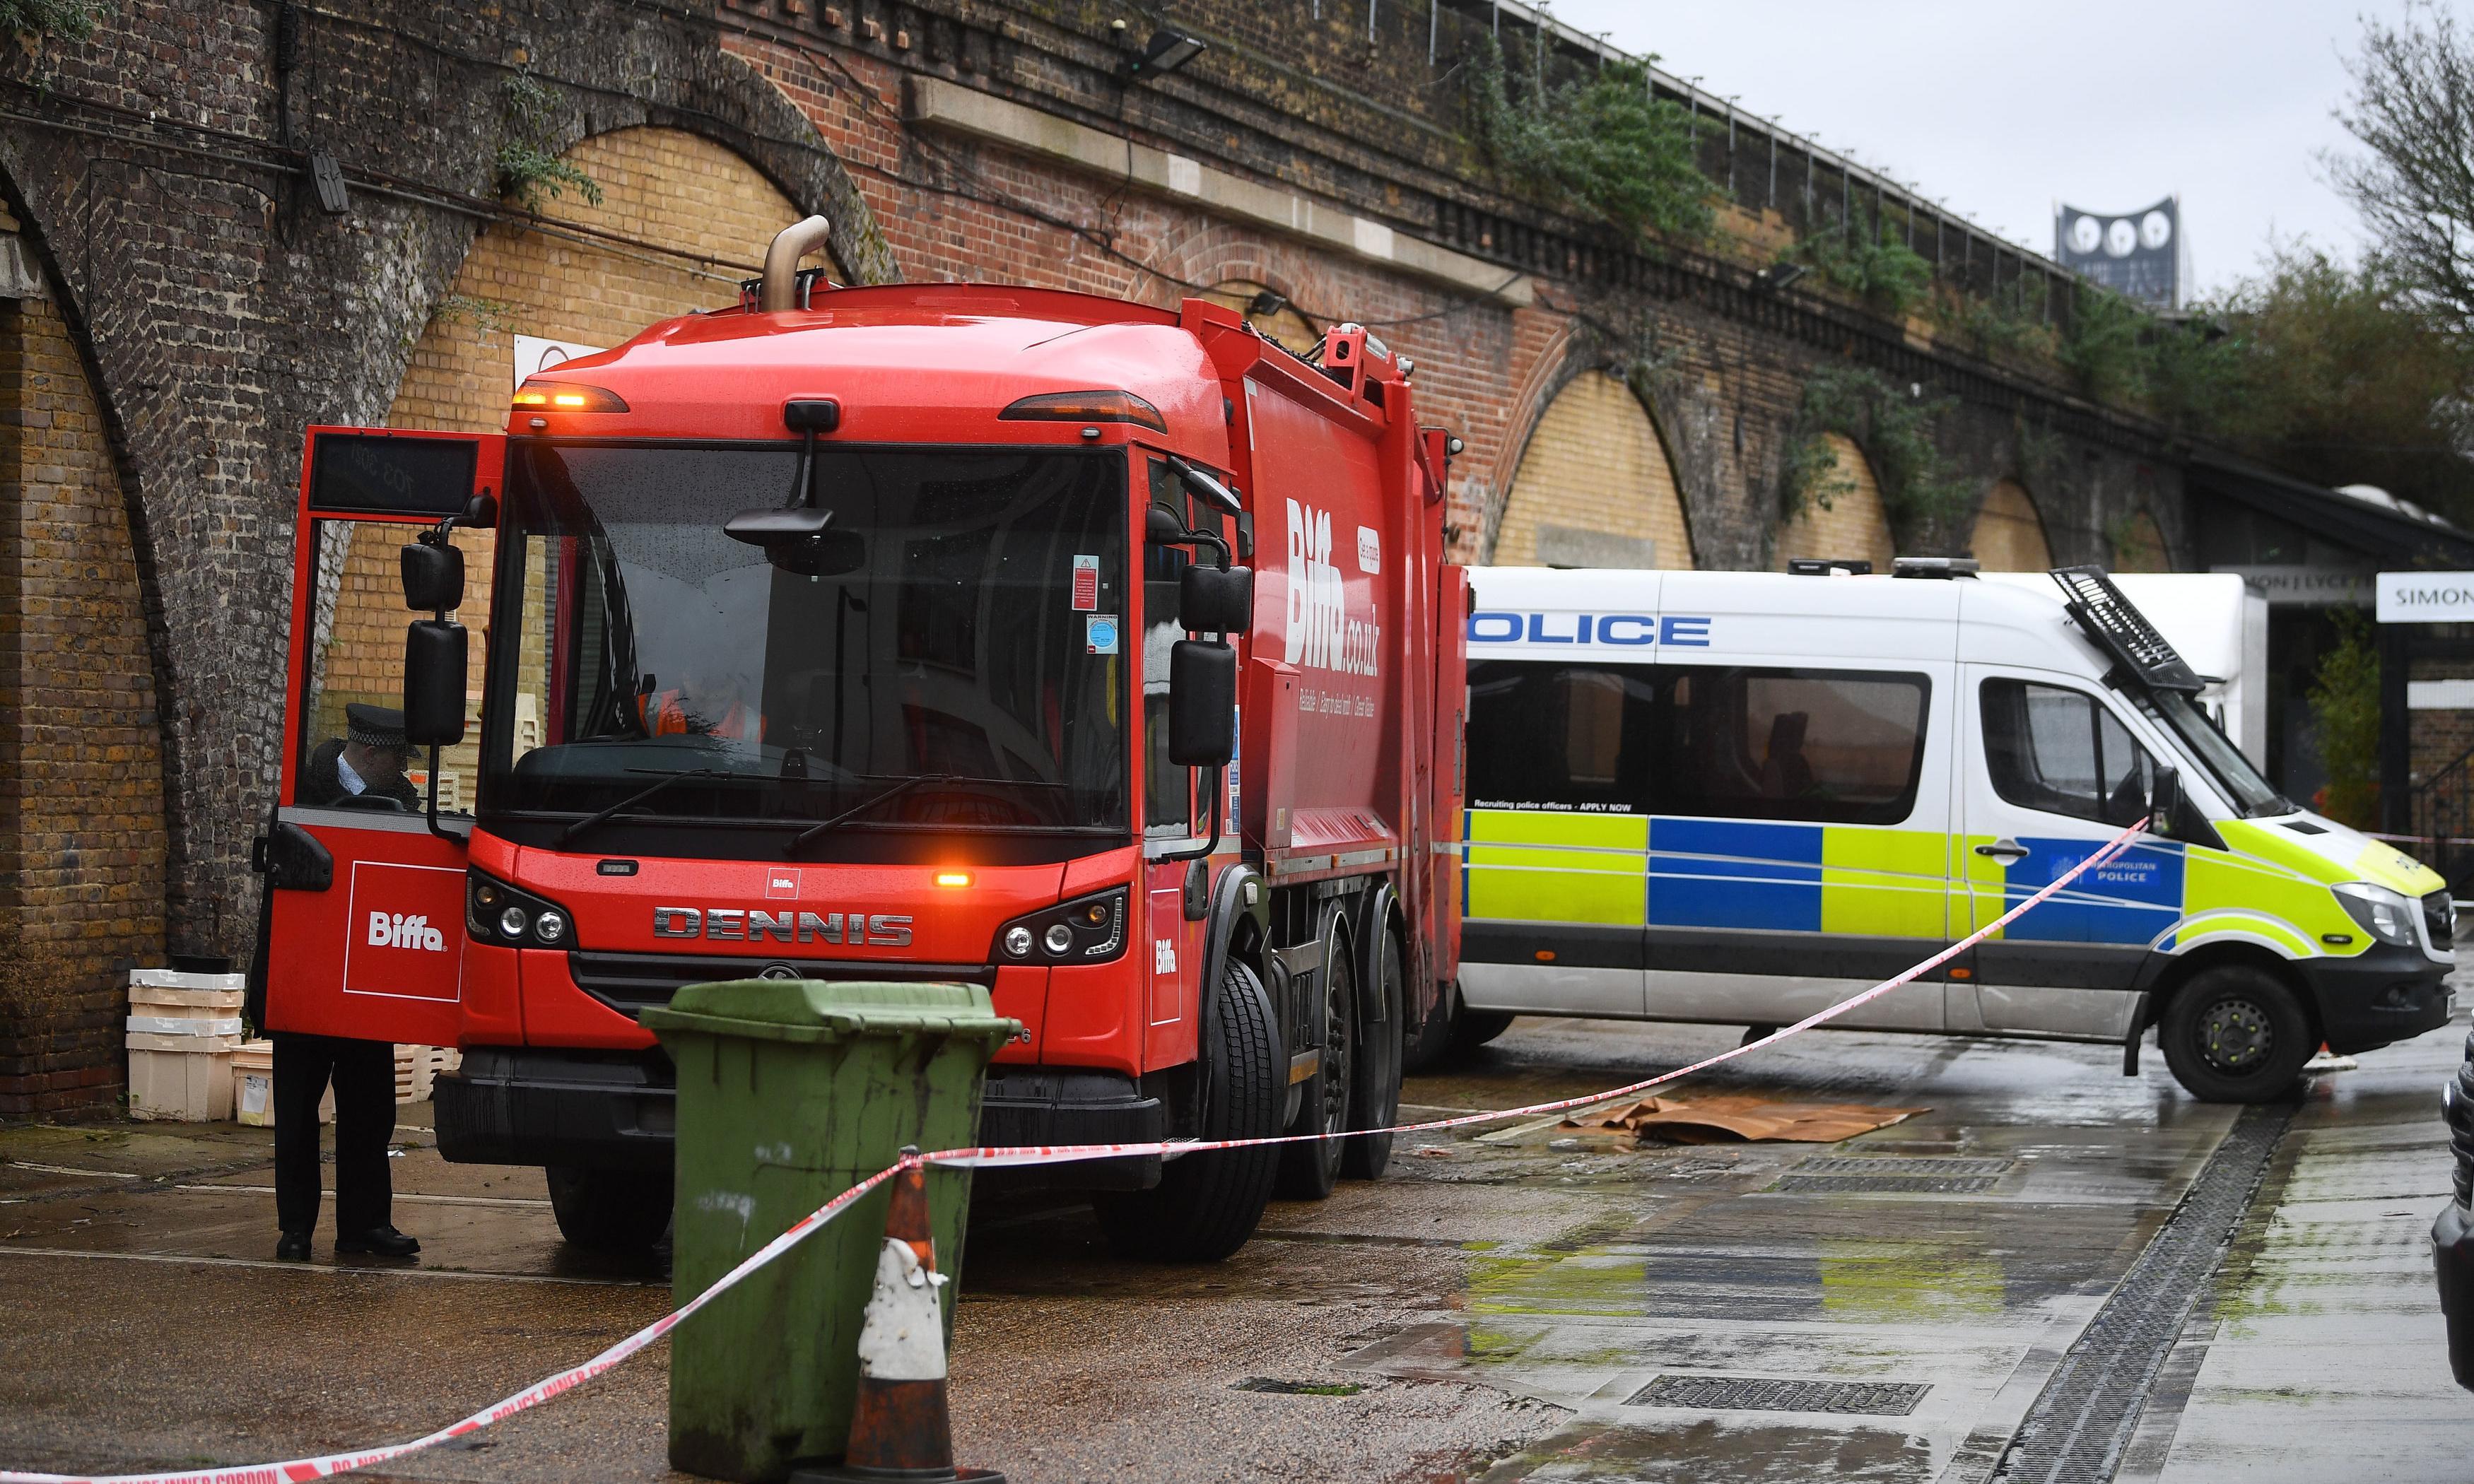 Man found dead in back of bin lorry in south London